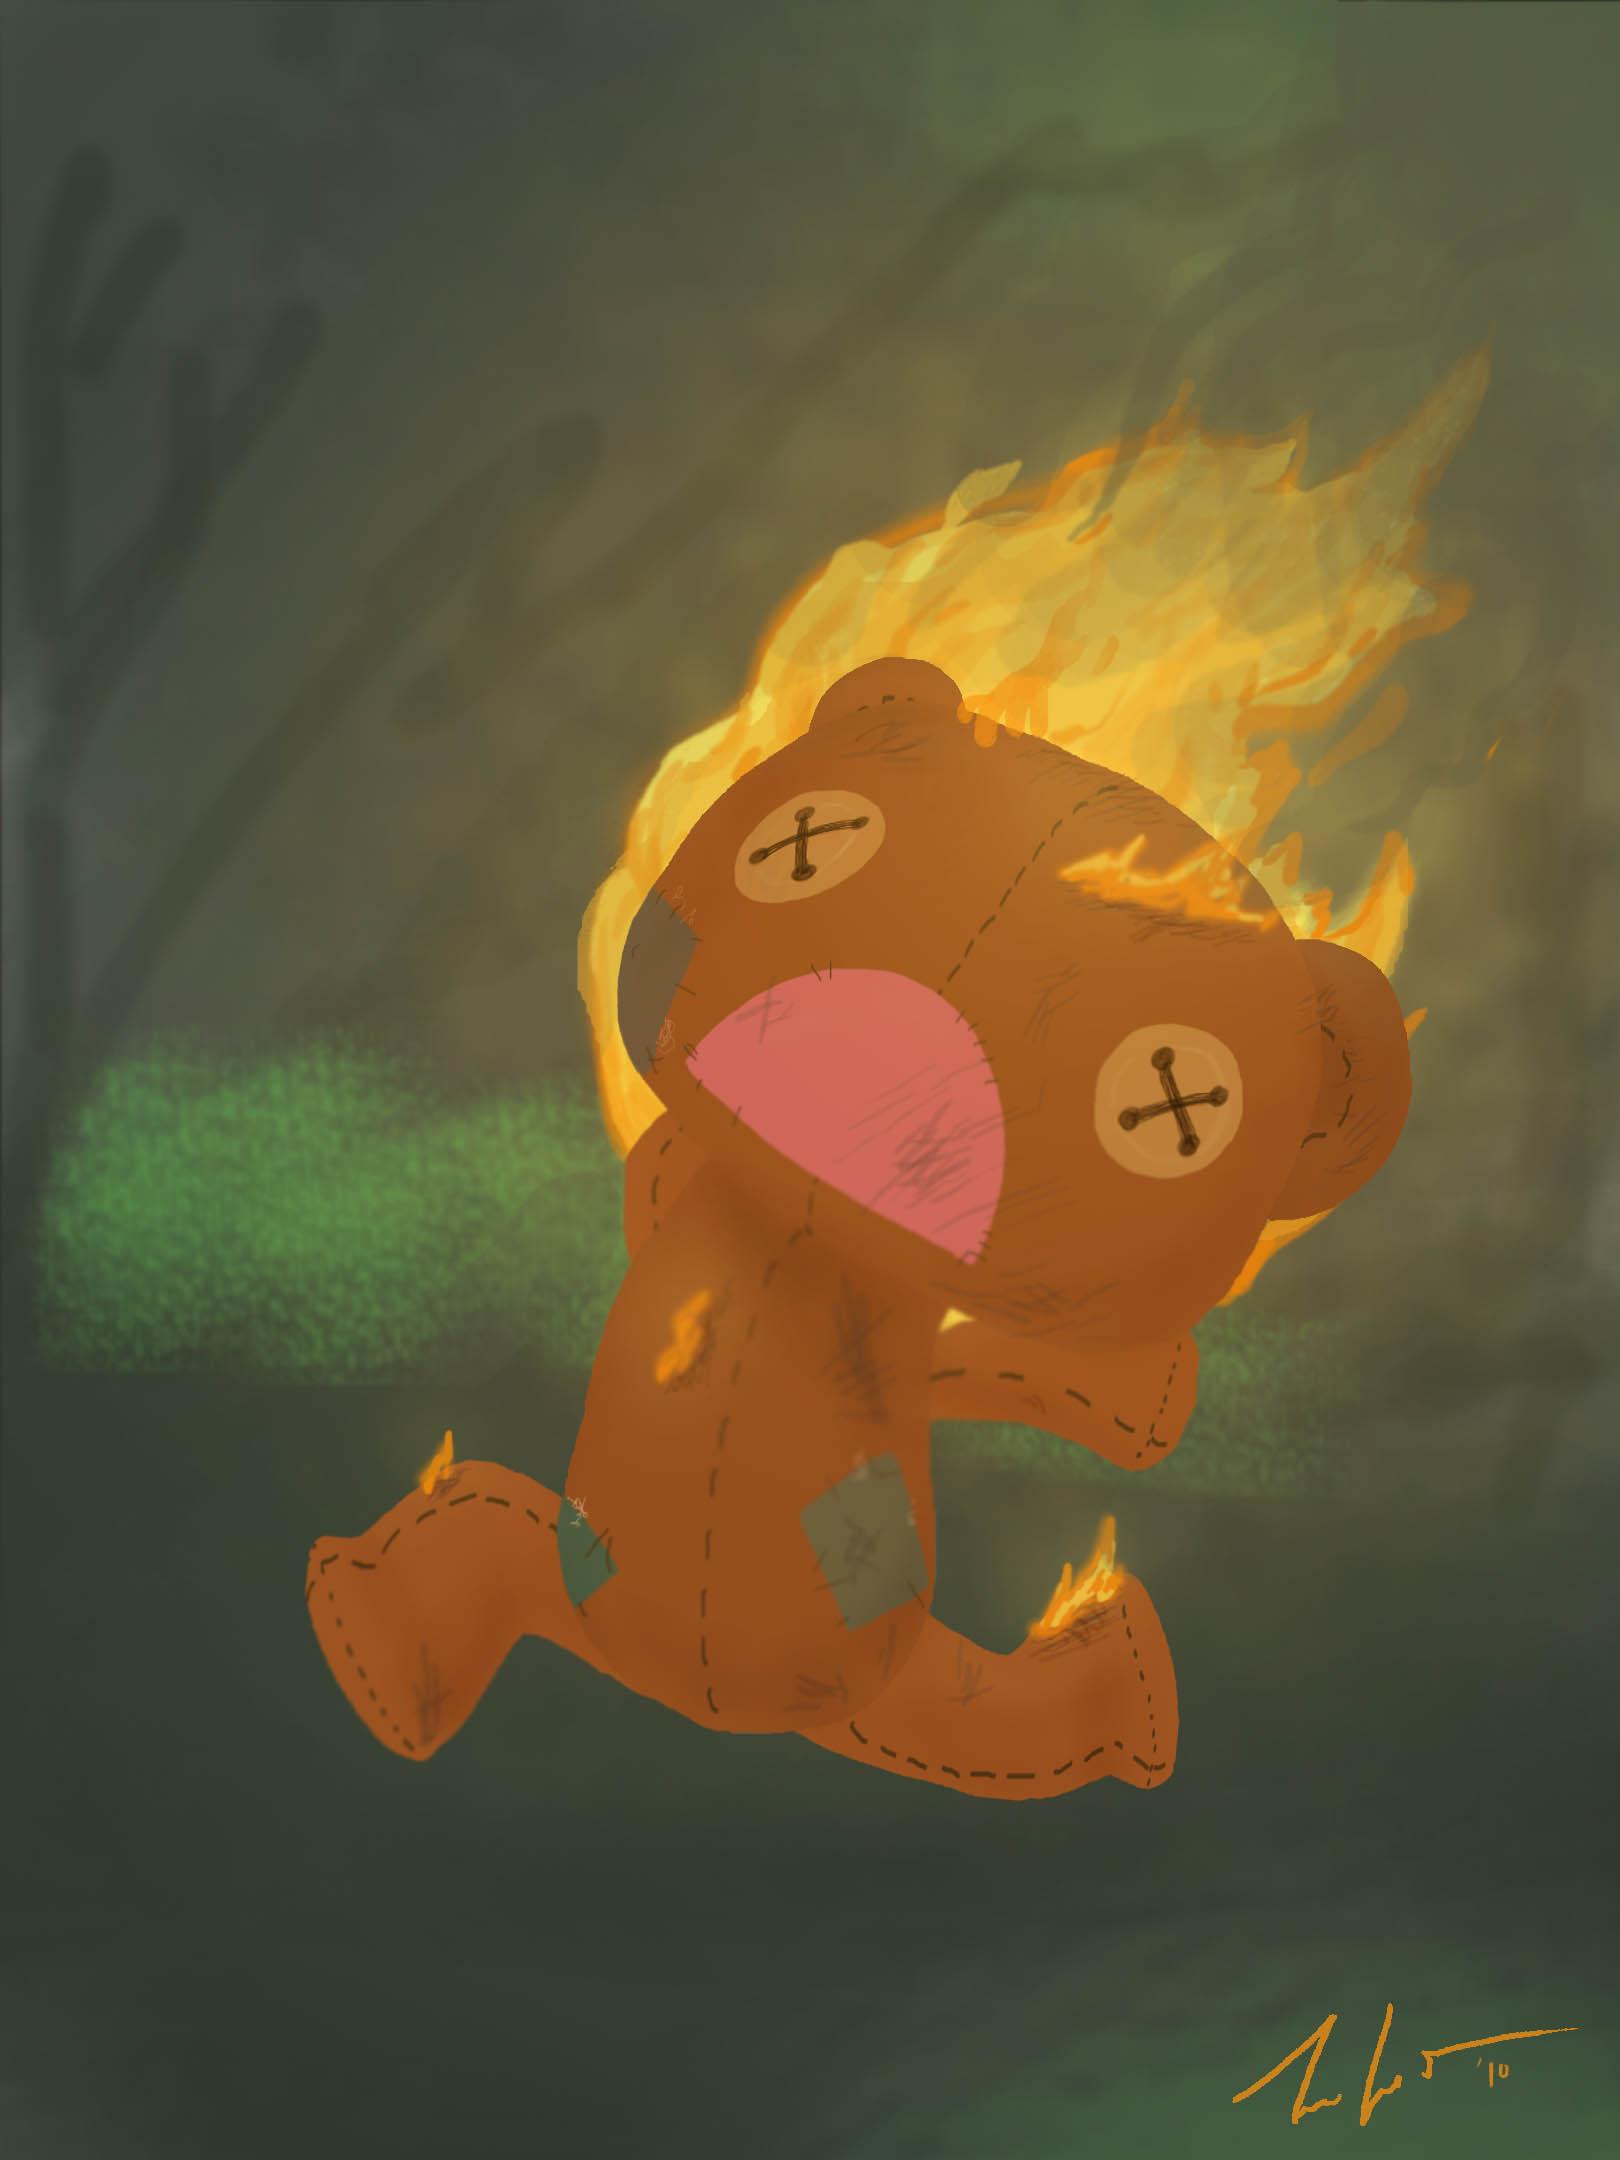 Flaming Teddy Bear